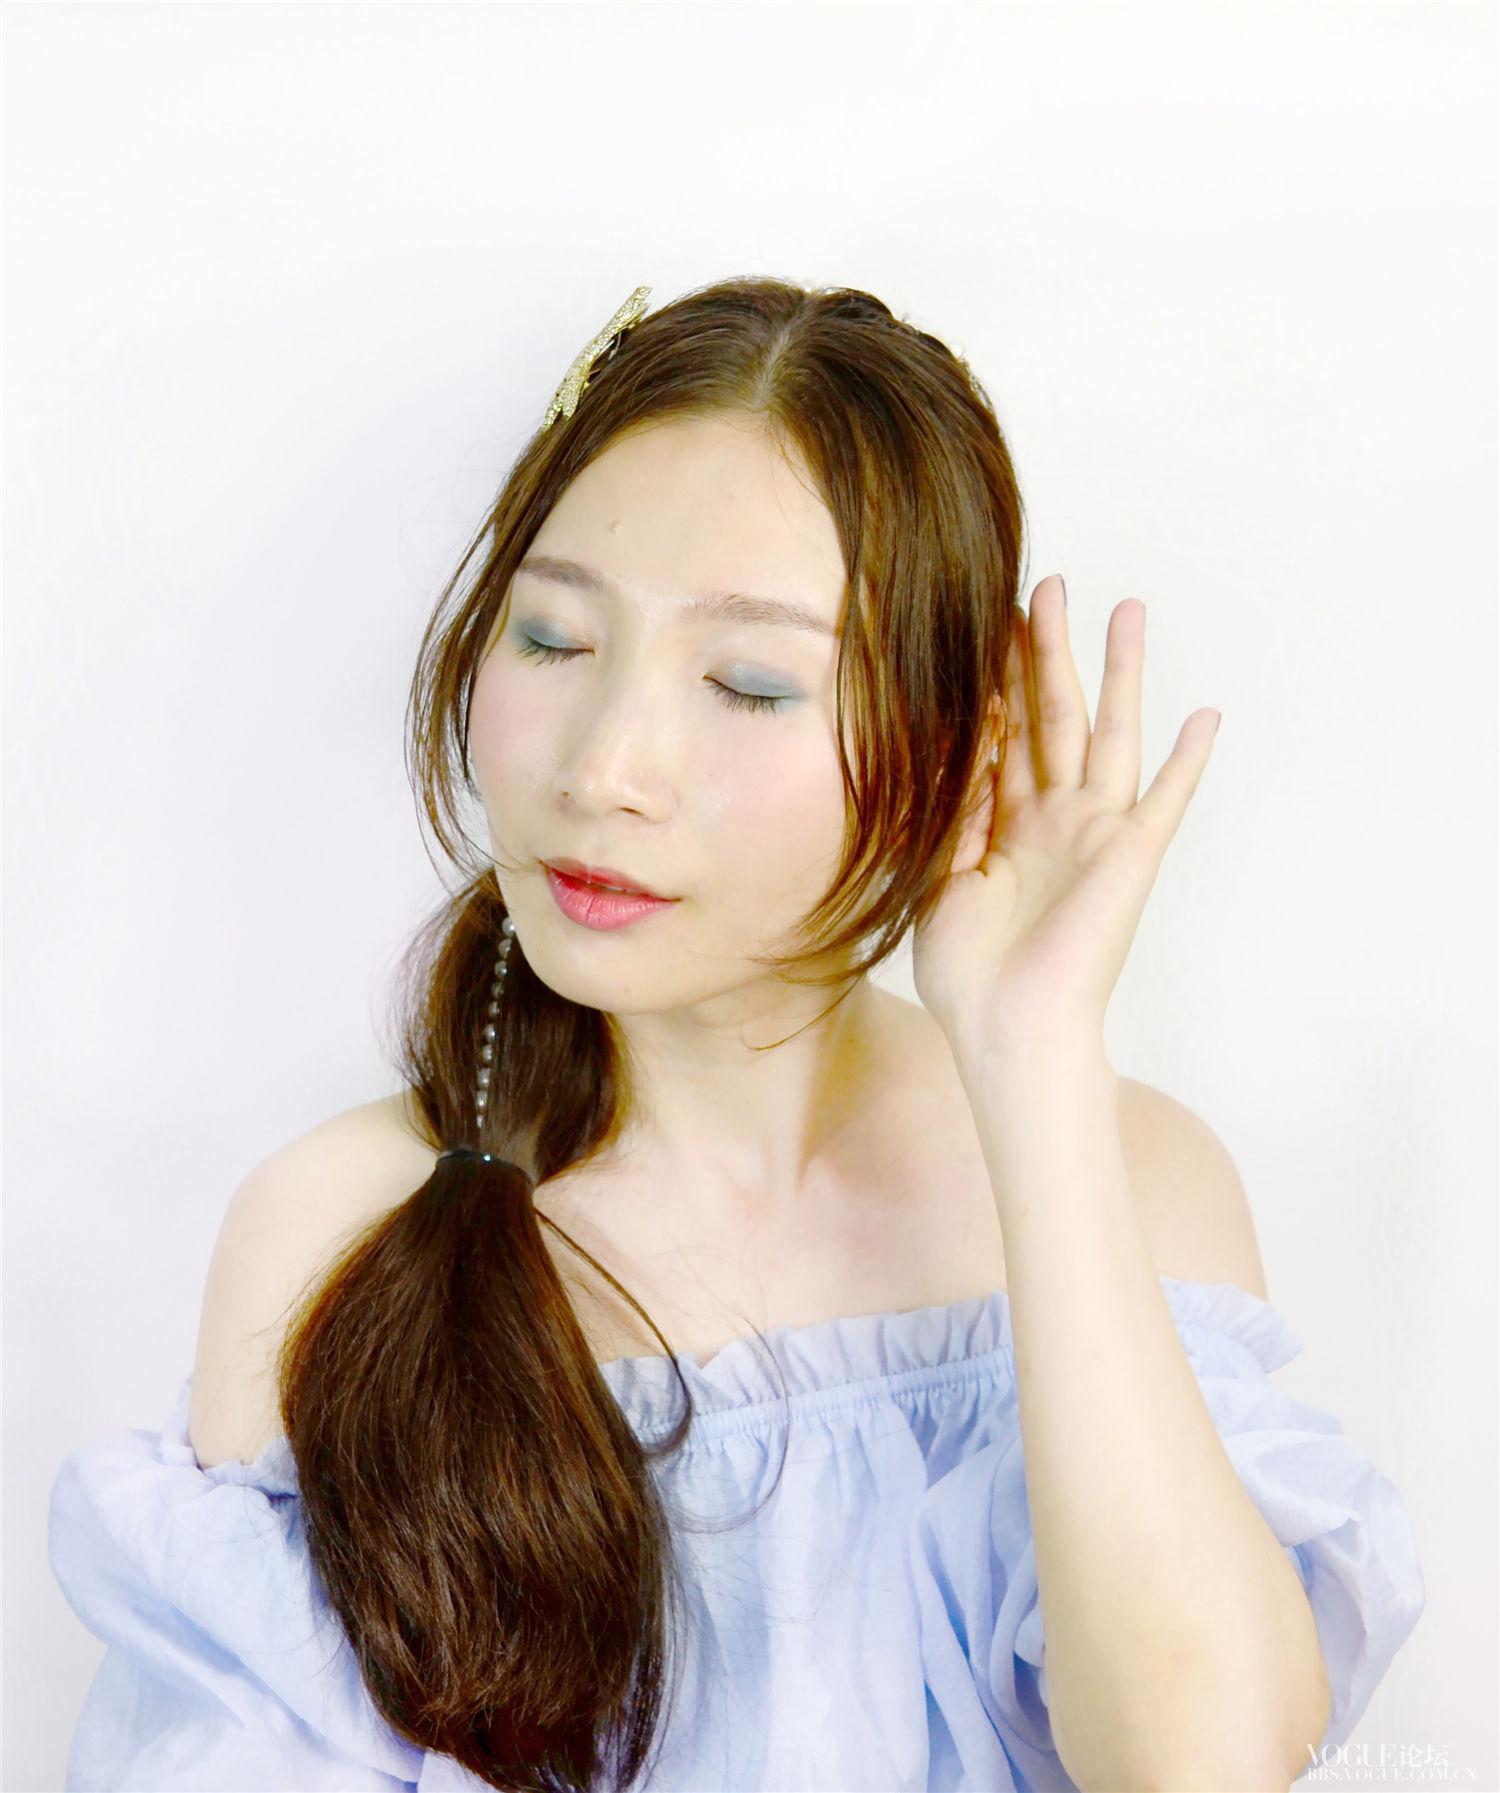 DSC_0526_副本_副本1.jpg